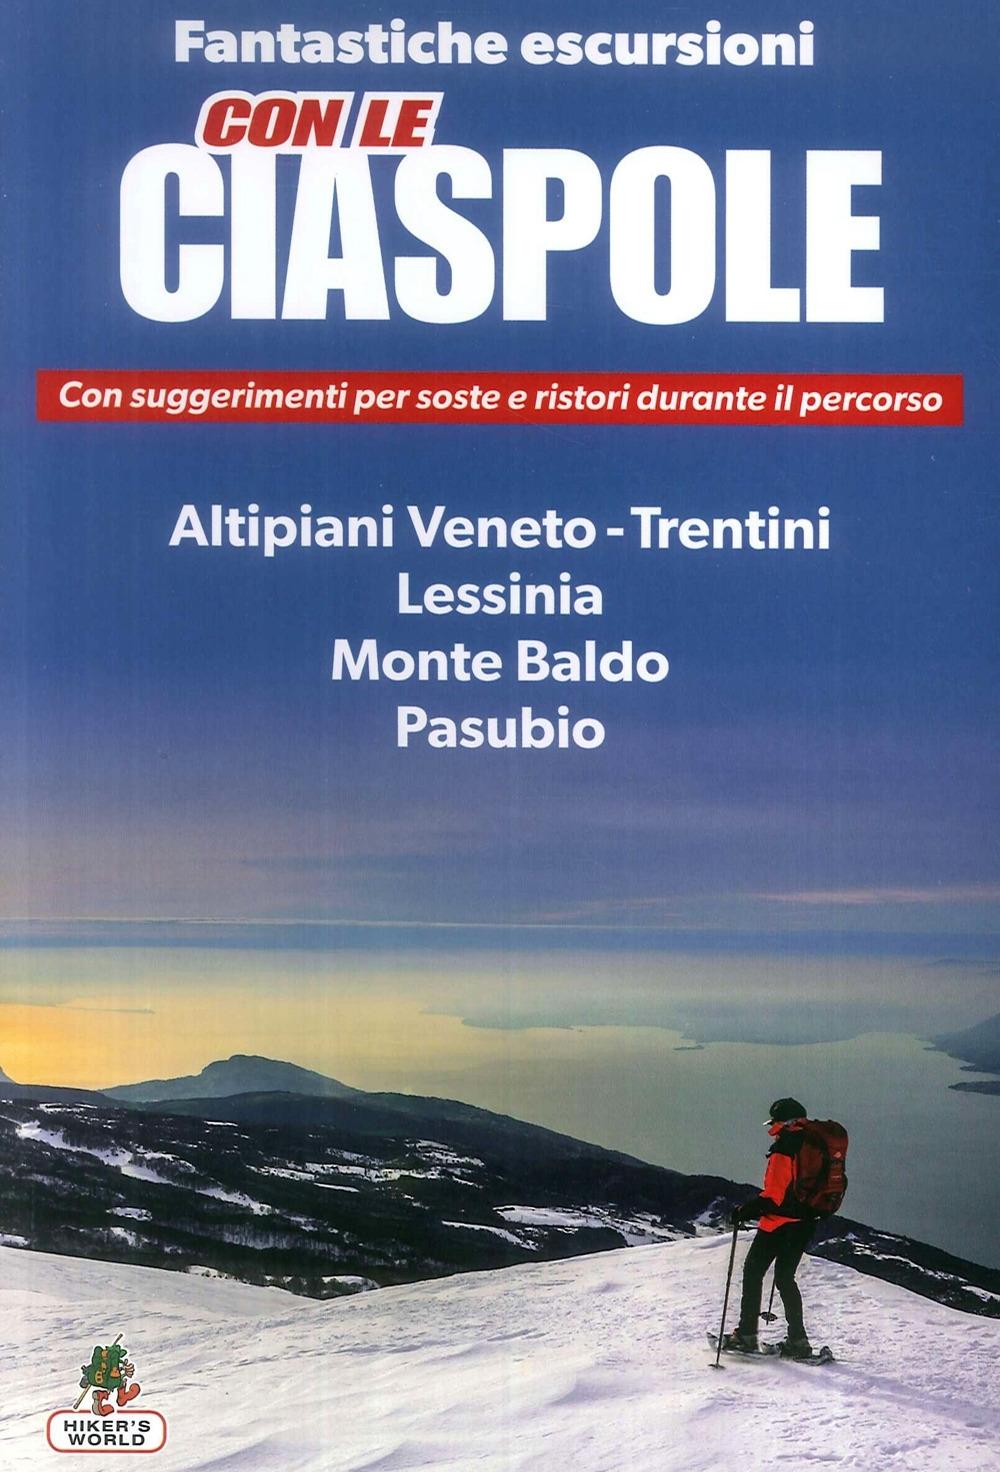 Fantastiche escursioni Con le ciaspole. Altipiani Veneto-trentini. Lessinia. Monte Baldo. Pasubio